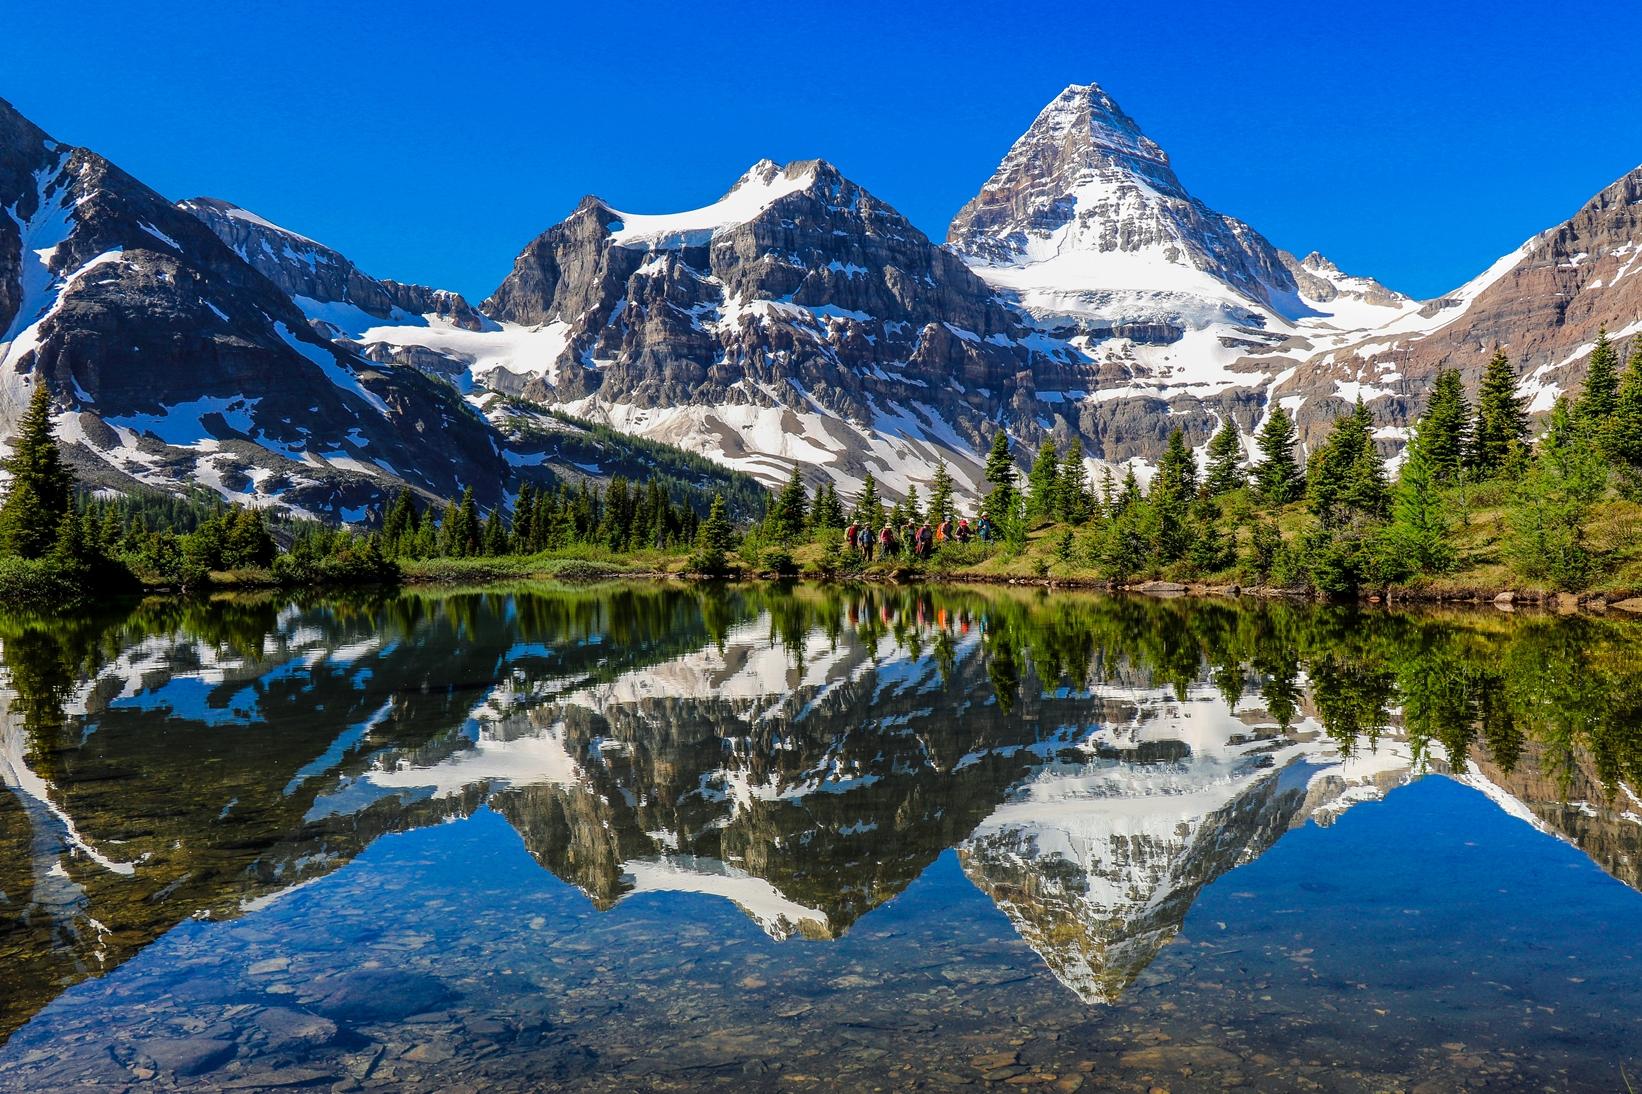 カナディアン・ロッキーの秀峰Mt.アシニボイン(3,618m)の麓でハイキングを楽しむ